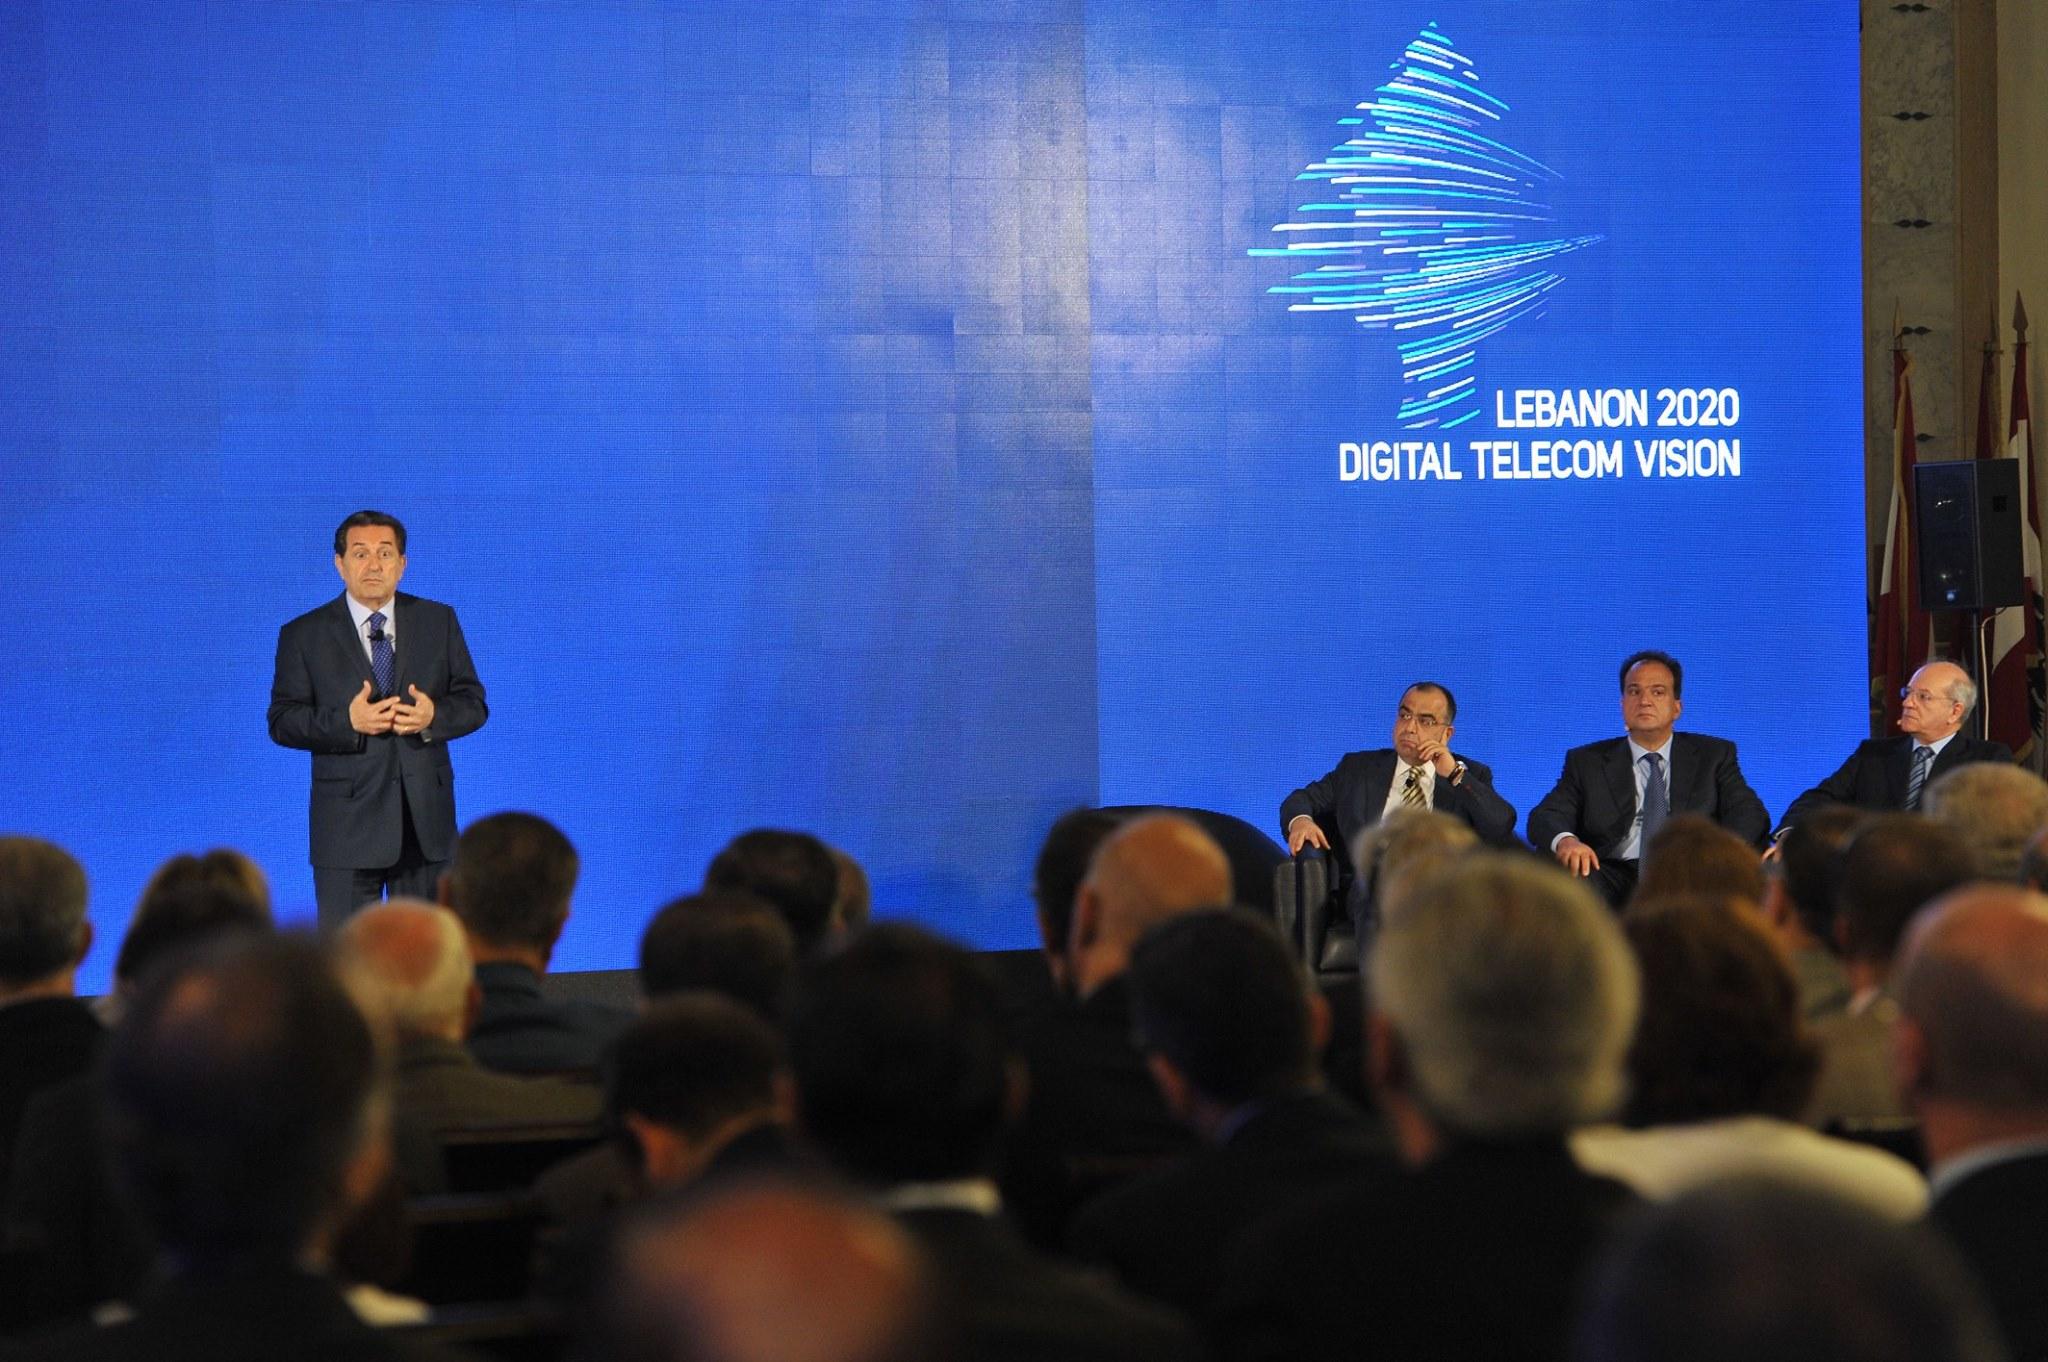 """وزير الإتصالات بطرس حرب في مؤتمر """"لبنان 2020 – رؤية الإتصالات الرقمية"""""""